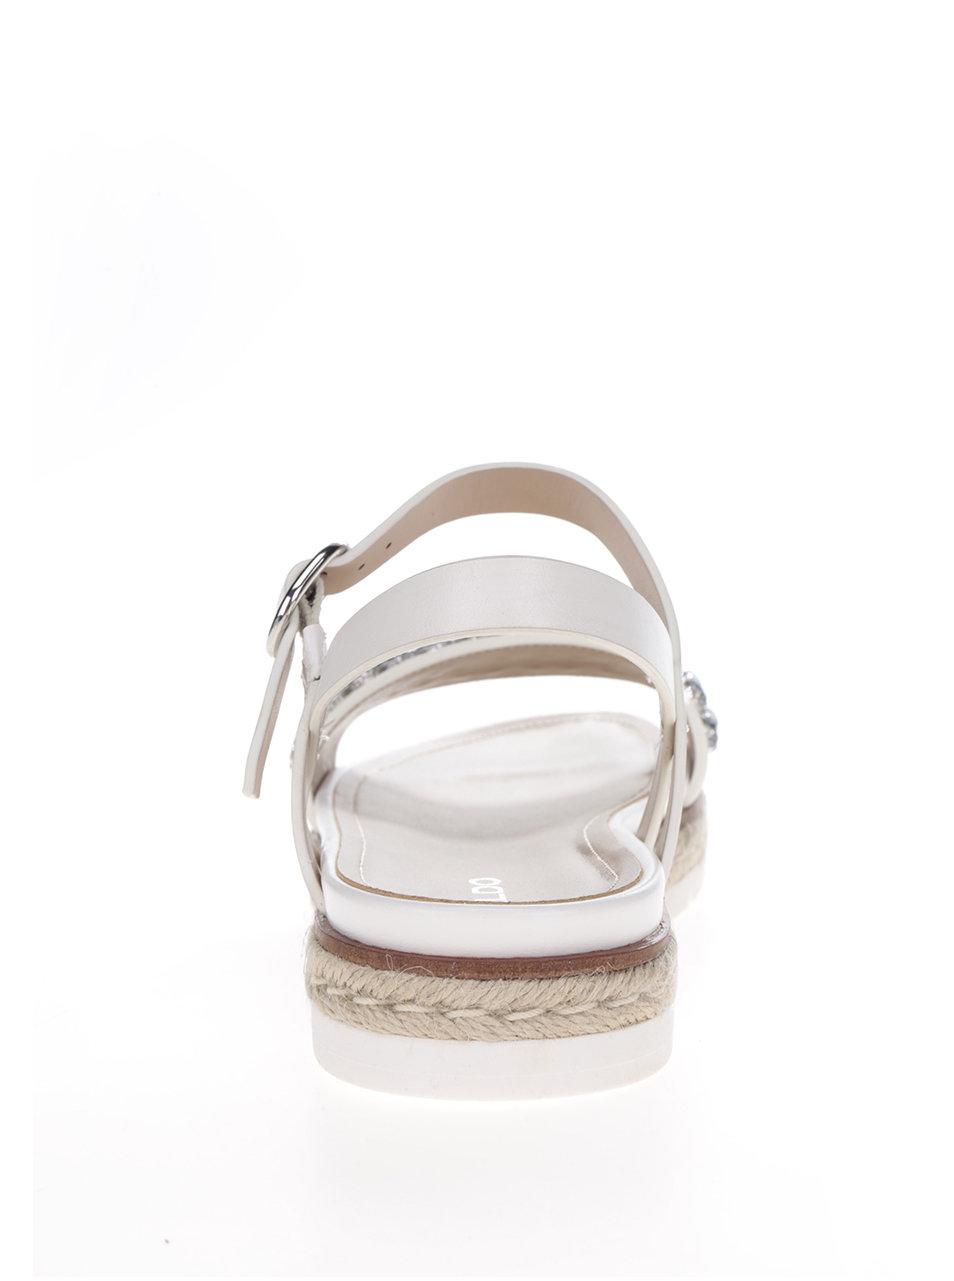 da99ae369be8 Biele dámske sandále s ozdobnými kamienkami ALDO Kelvyna ...